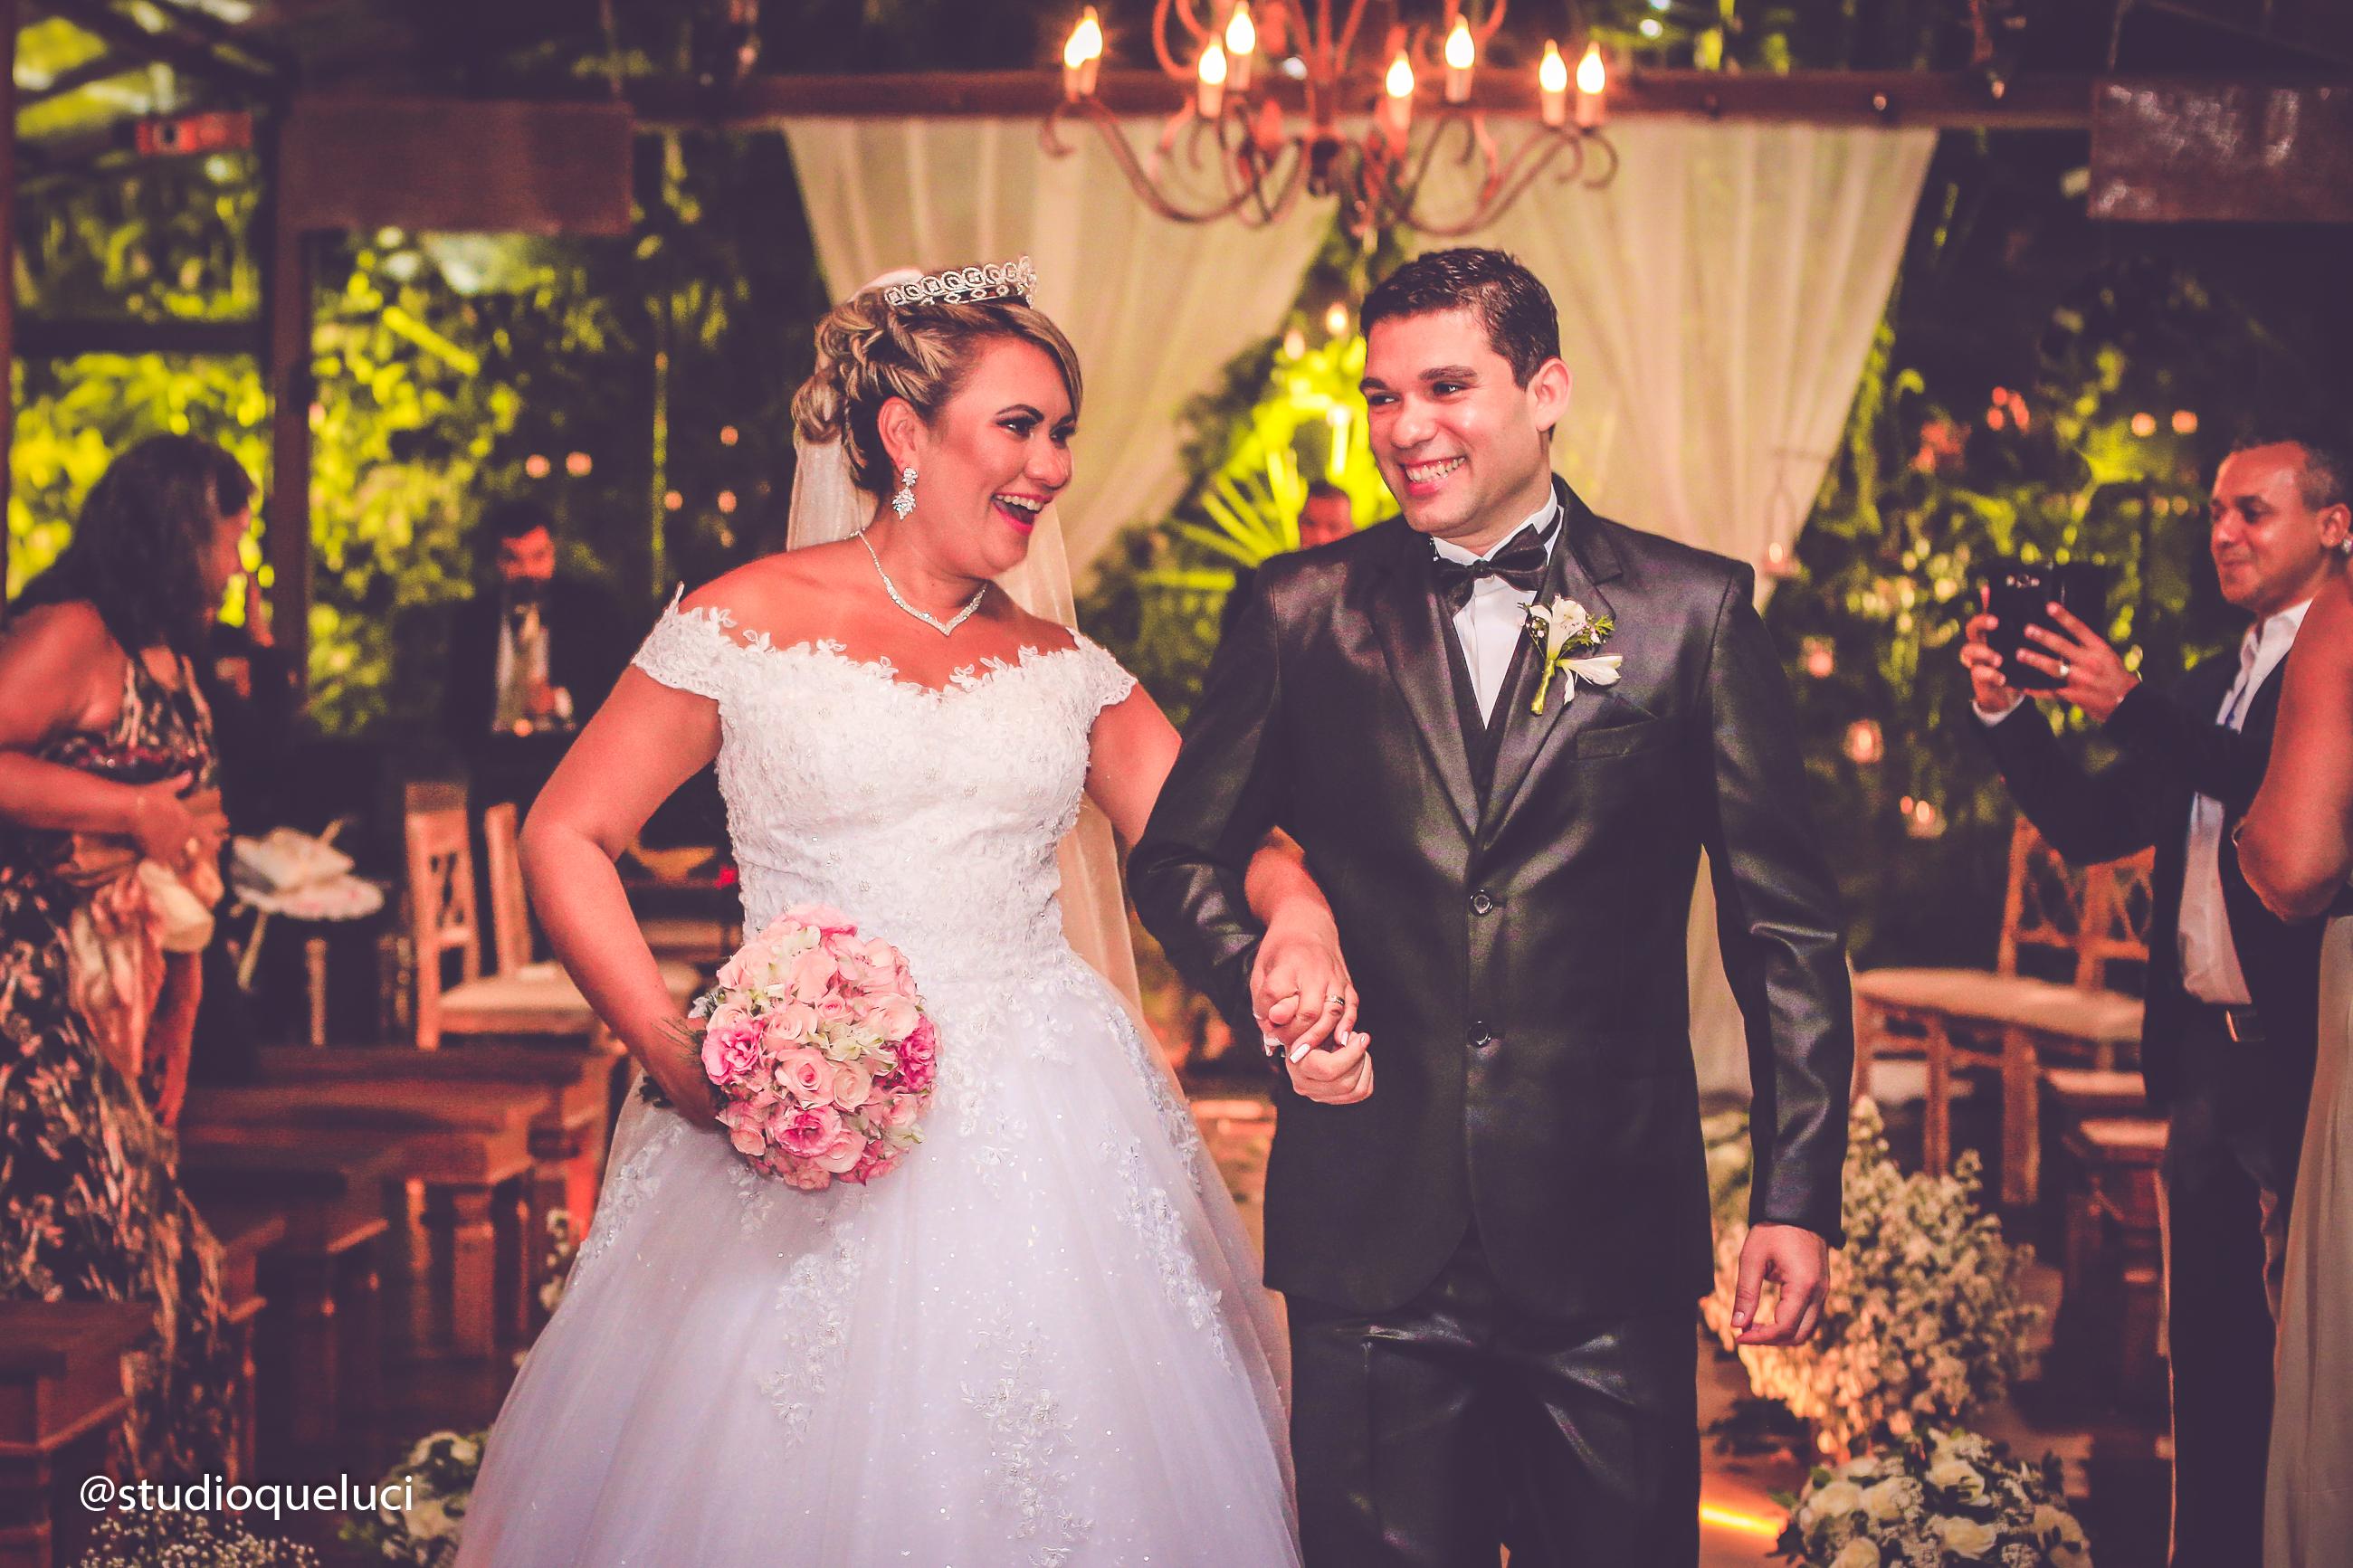 Casamento no Vale dos sonhos em Campo Grande RJ (33)